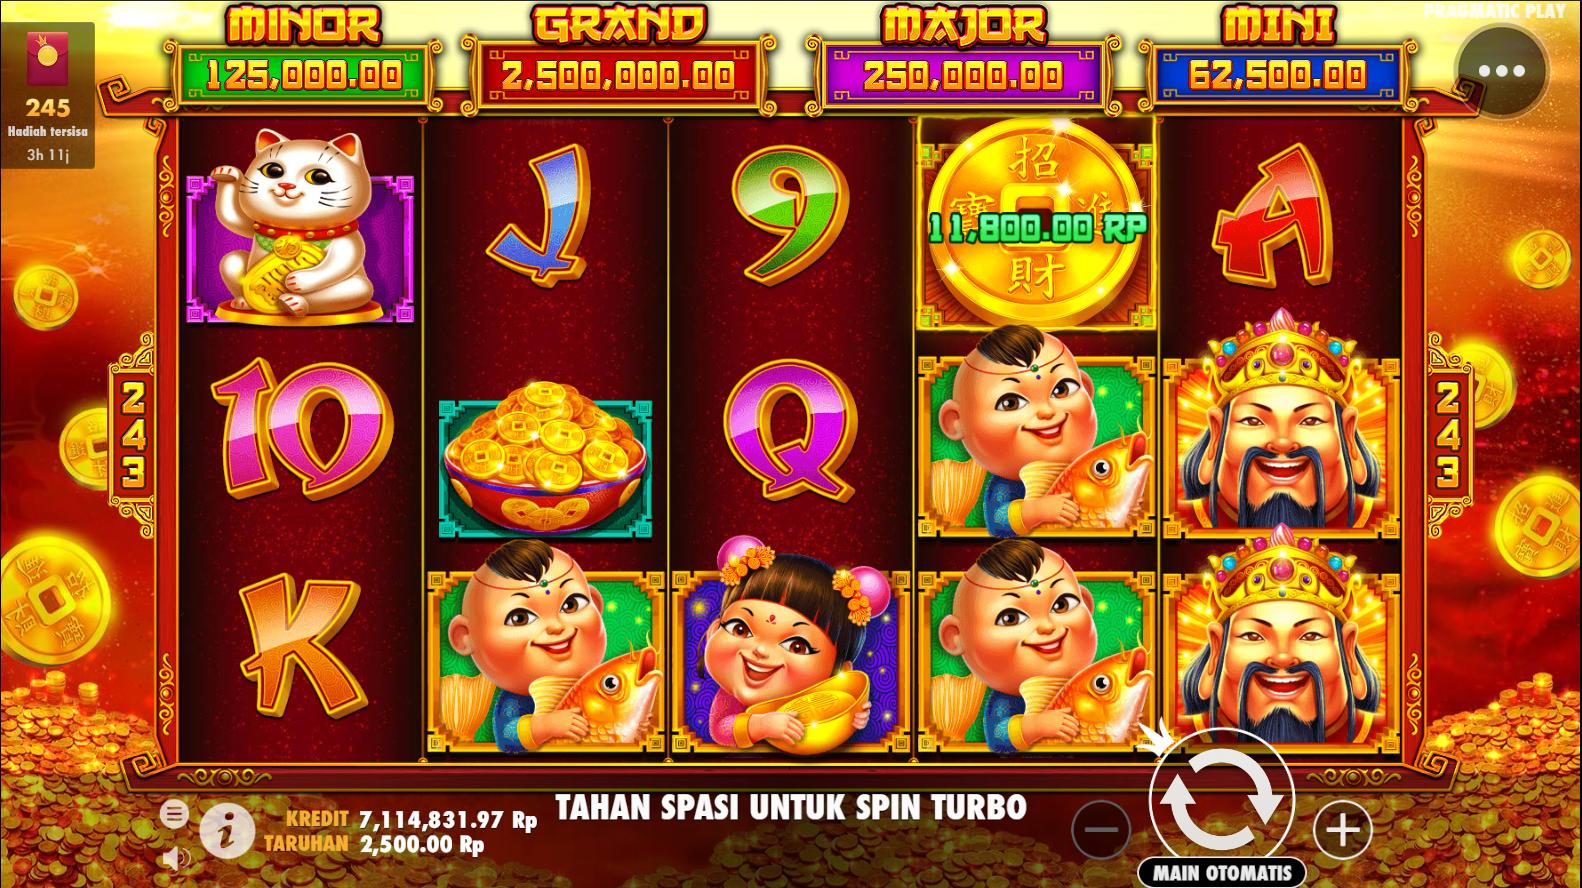 Situs Qq Slot Deposit Pulsa Tanpa Potongan Rate 100 Deposit Pulsa Tanpa Potongan Slot